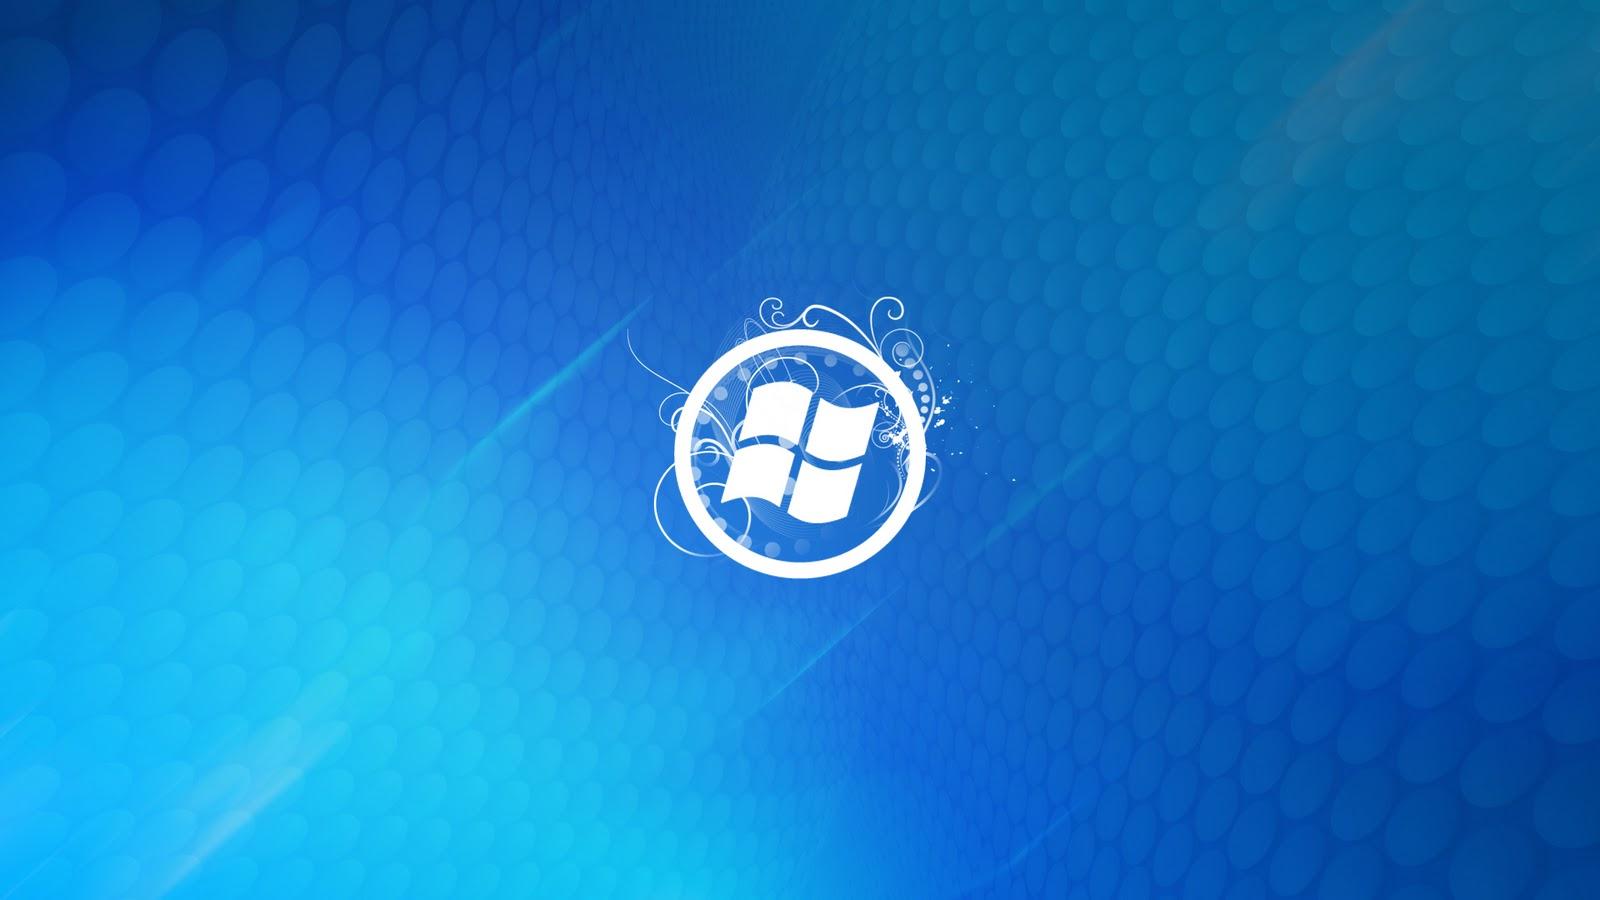 http://2.bp.blogspot.com/-ux8pdS3dco8/TubLNbise_I/AAAAAAAACSs/1HS62vlKGOQ/s1600/Windows+8+Wallpaper+%25281%2529.jpg